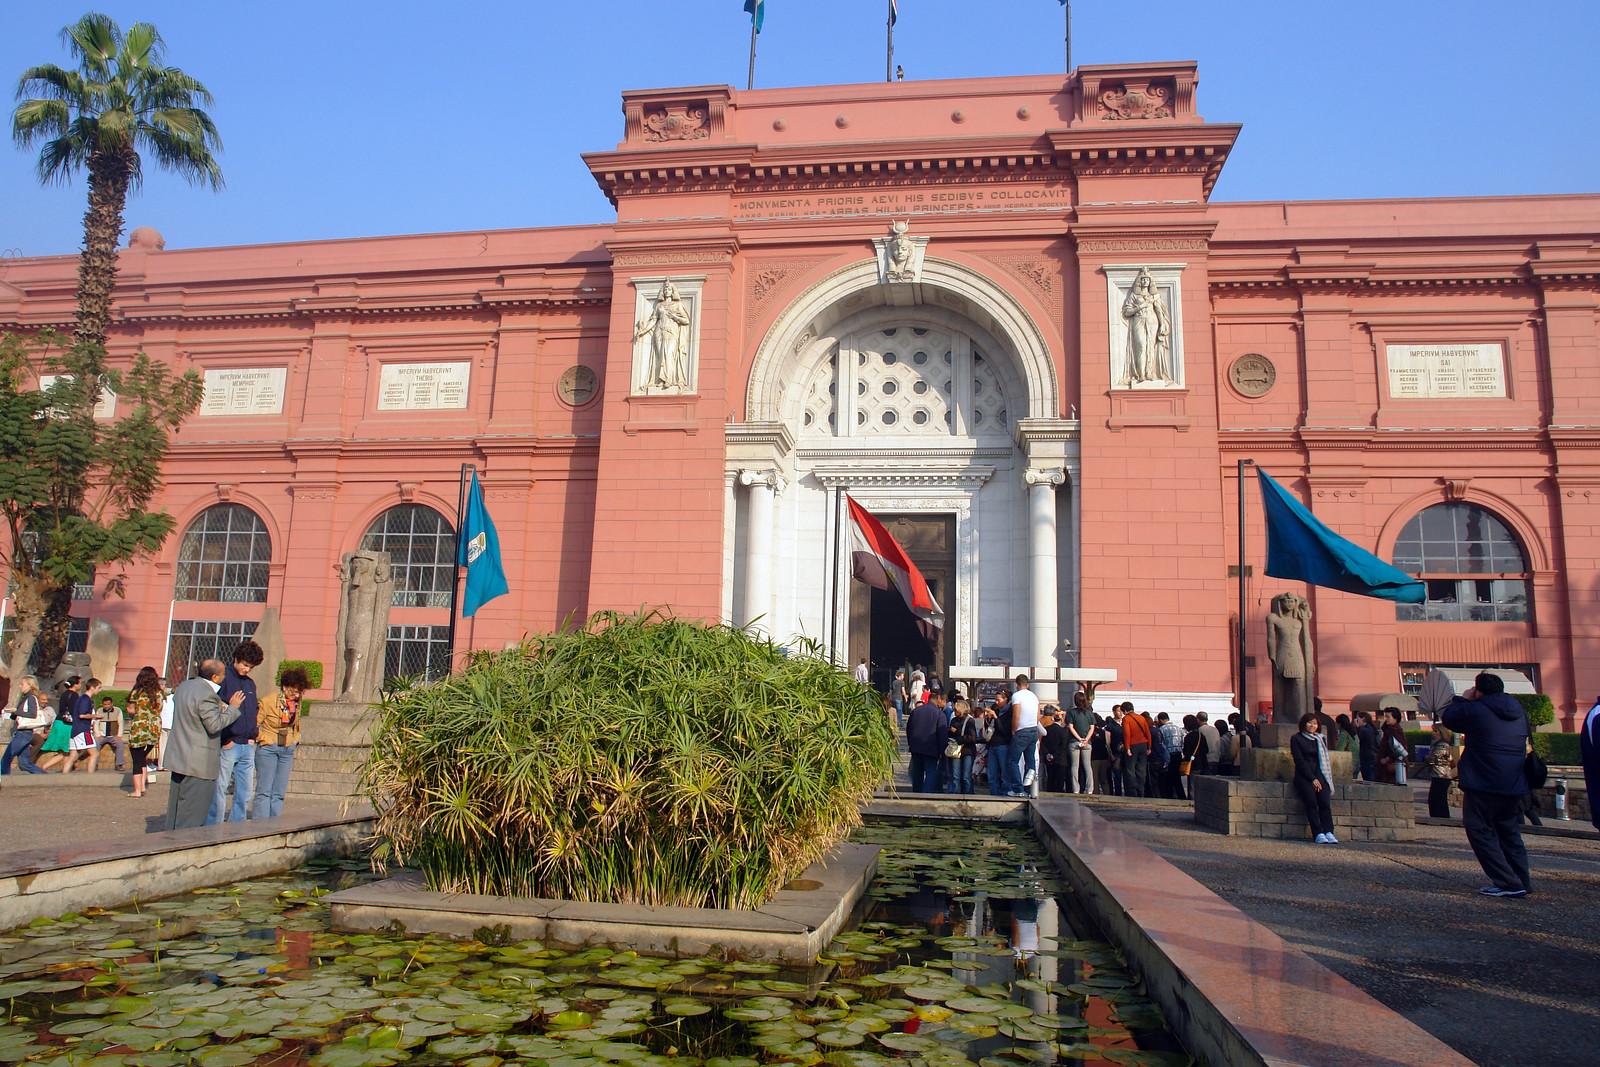 Qué ver en El Cairo, Egipto lugares que visitar en el cairo - 39184095440 e580bfba91 h - 10+1 lugares que visitar en El Cairo